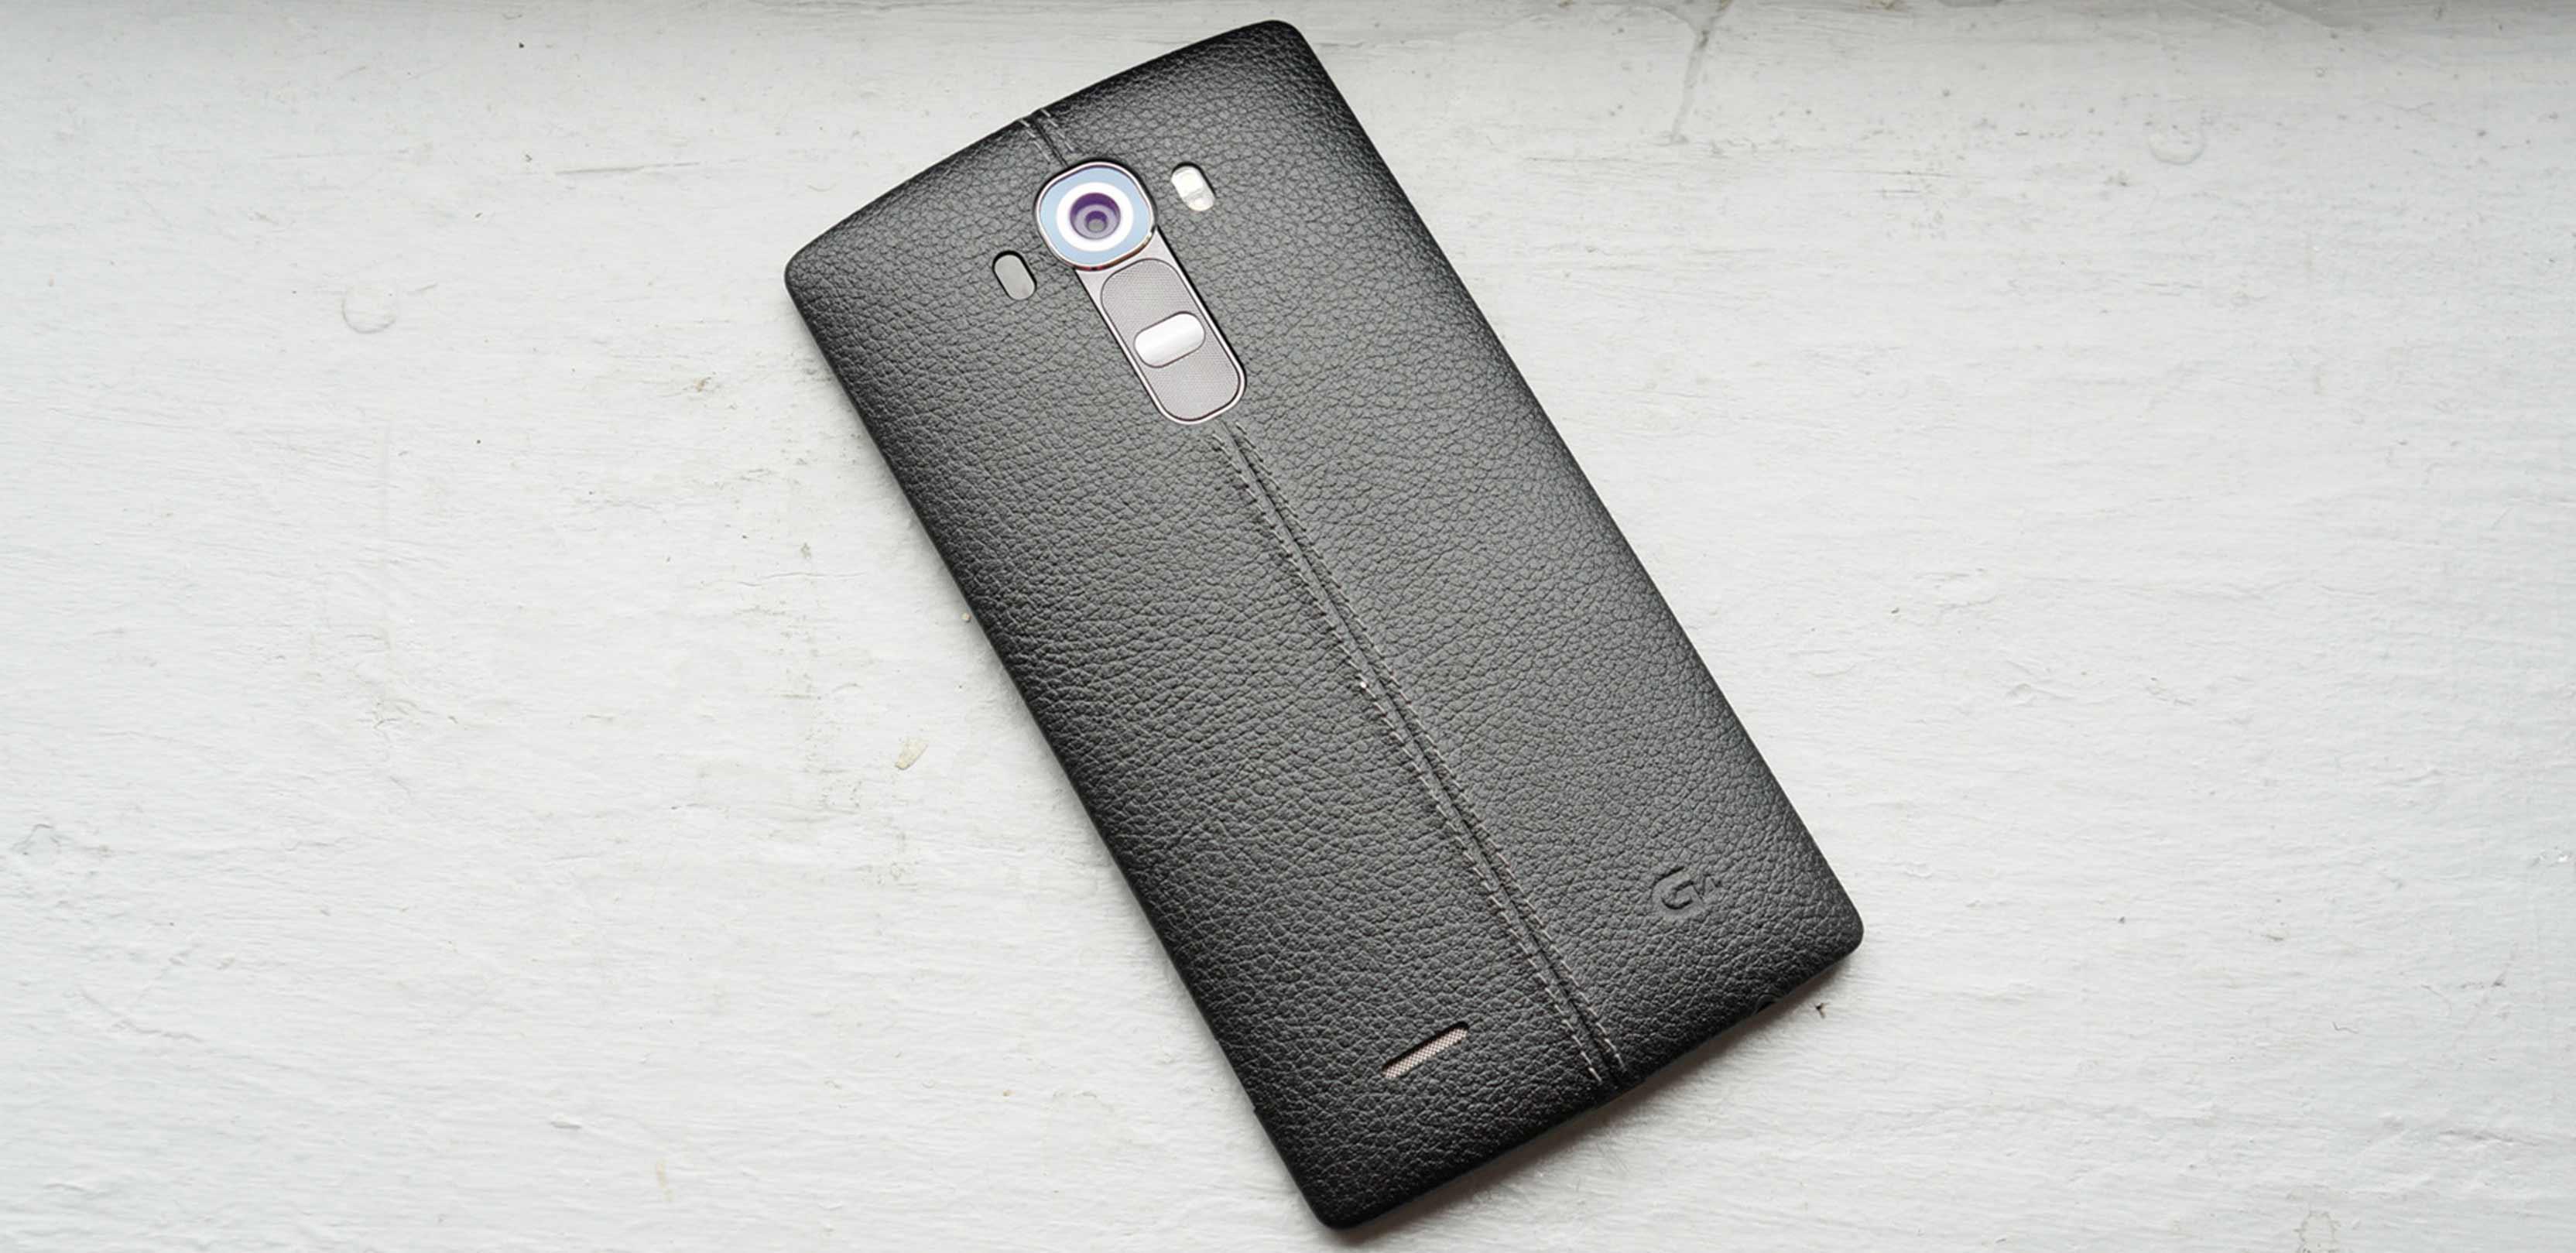 LG G4 bootloop lawsuit